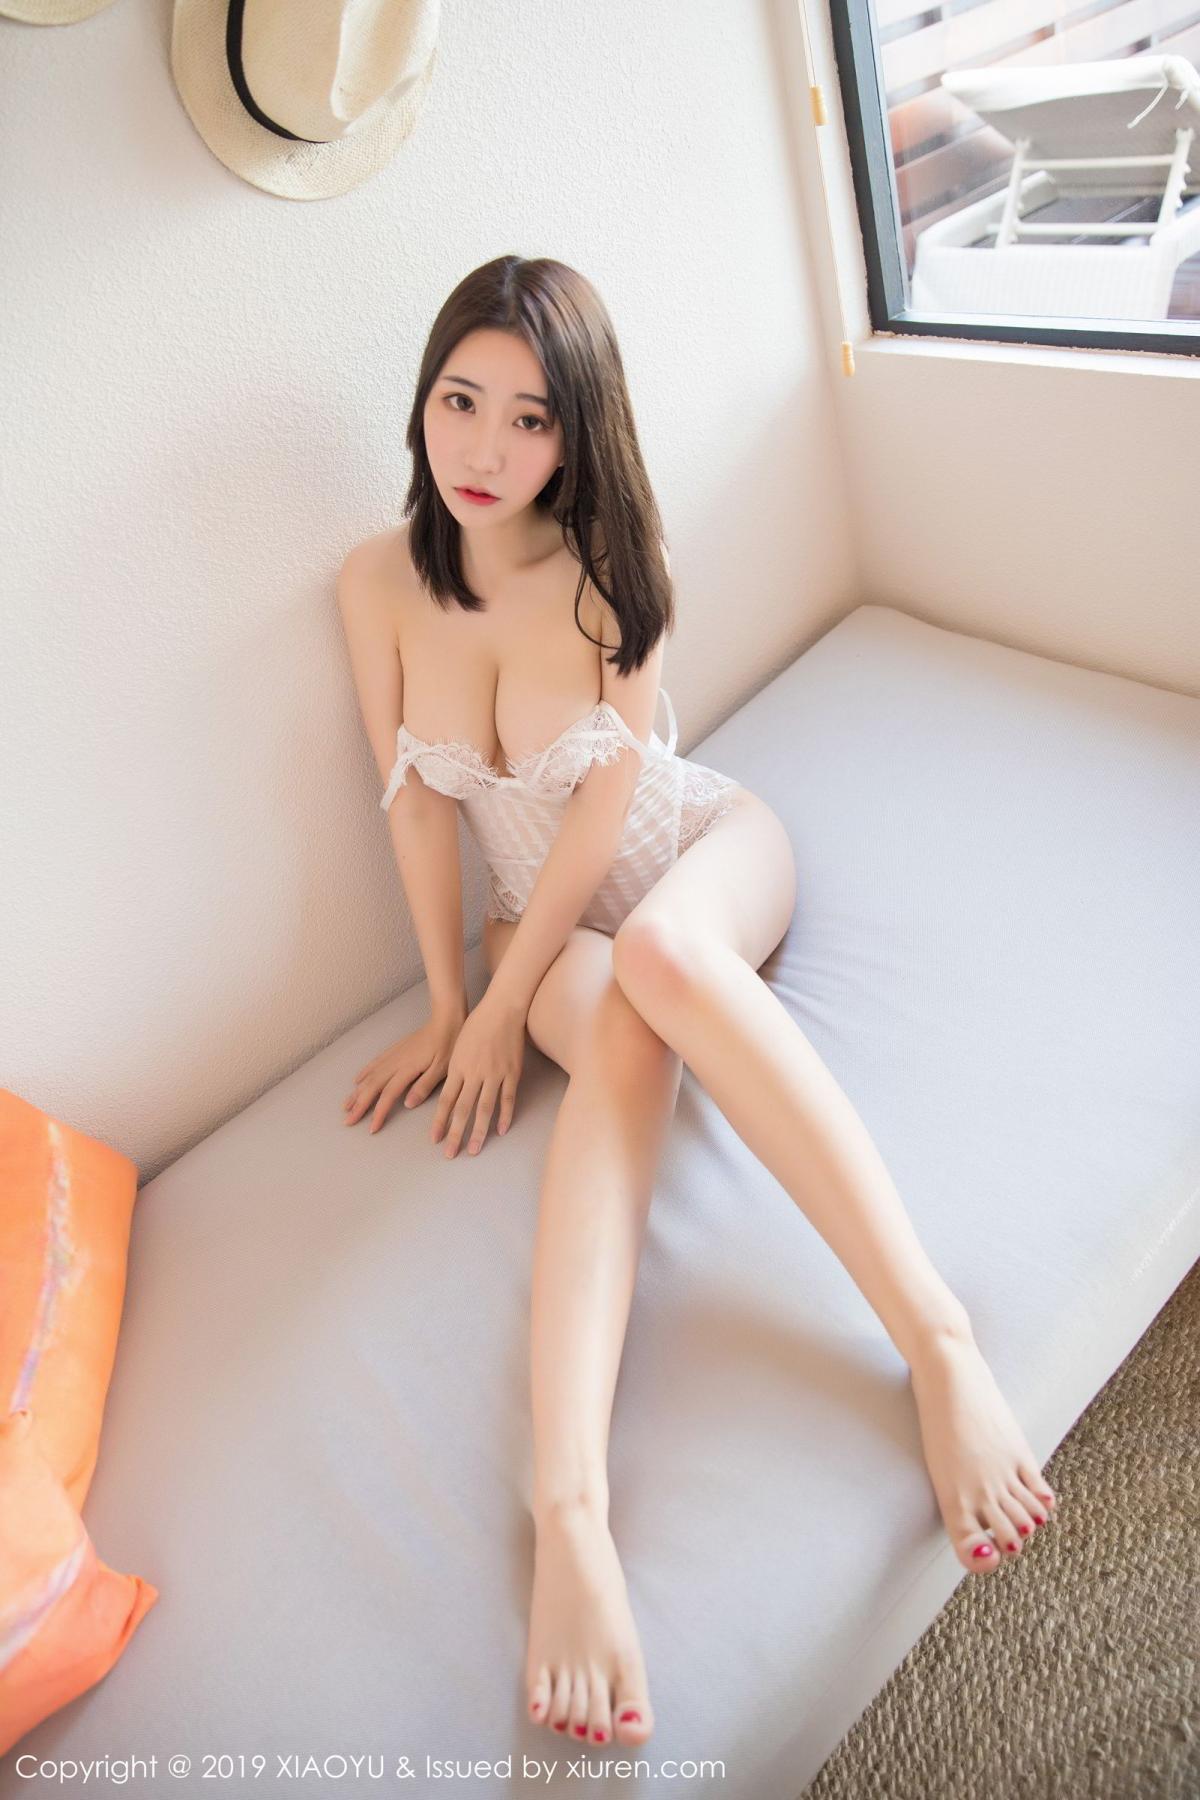 [XiaoYu] Vol.147 Xie Zhi Xin 12P, Bathroom, Big Booty, Wet, XiaoYu, Xie Zhi Xin